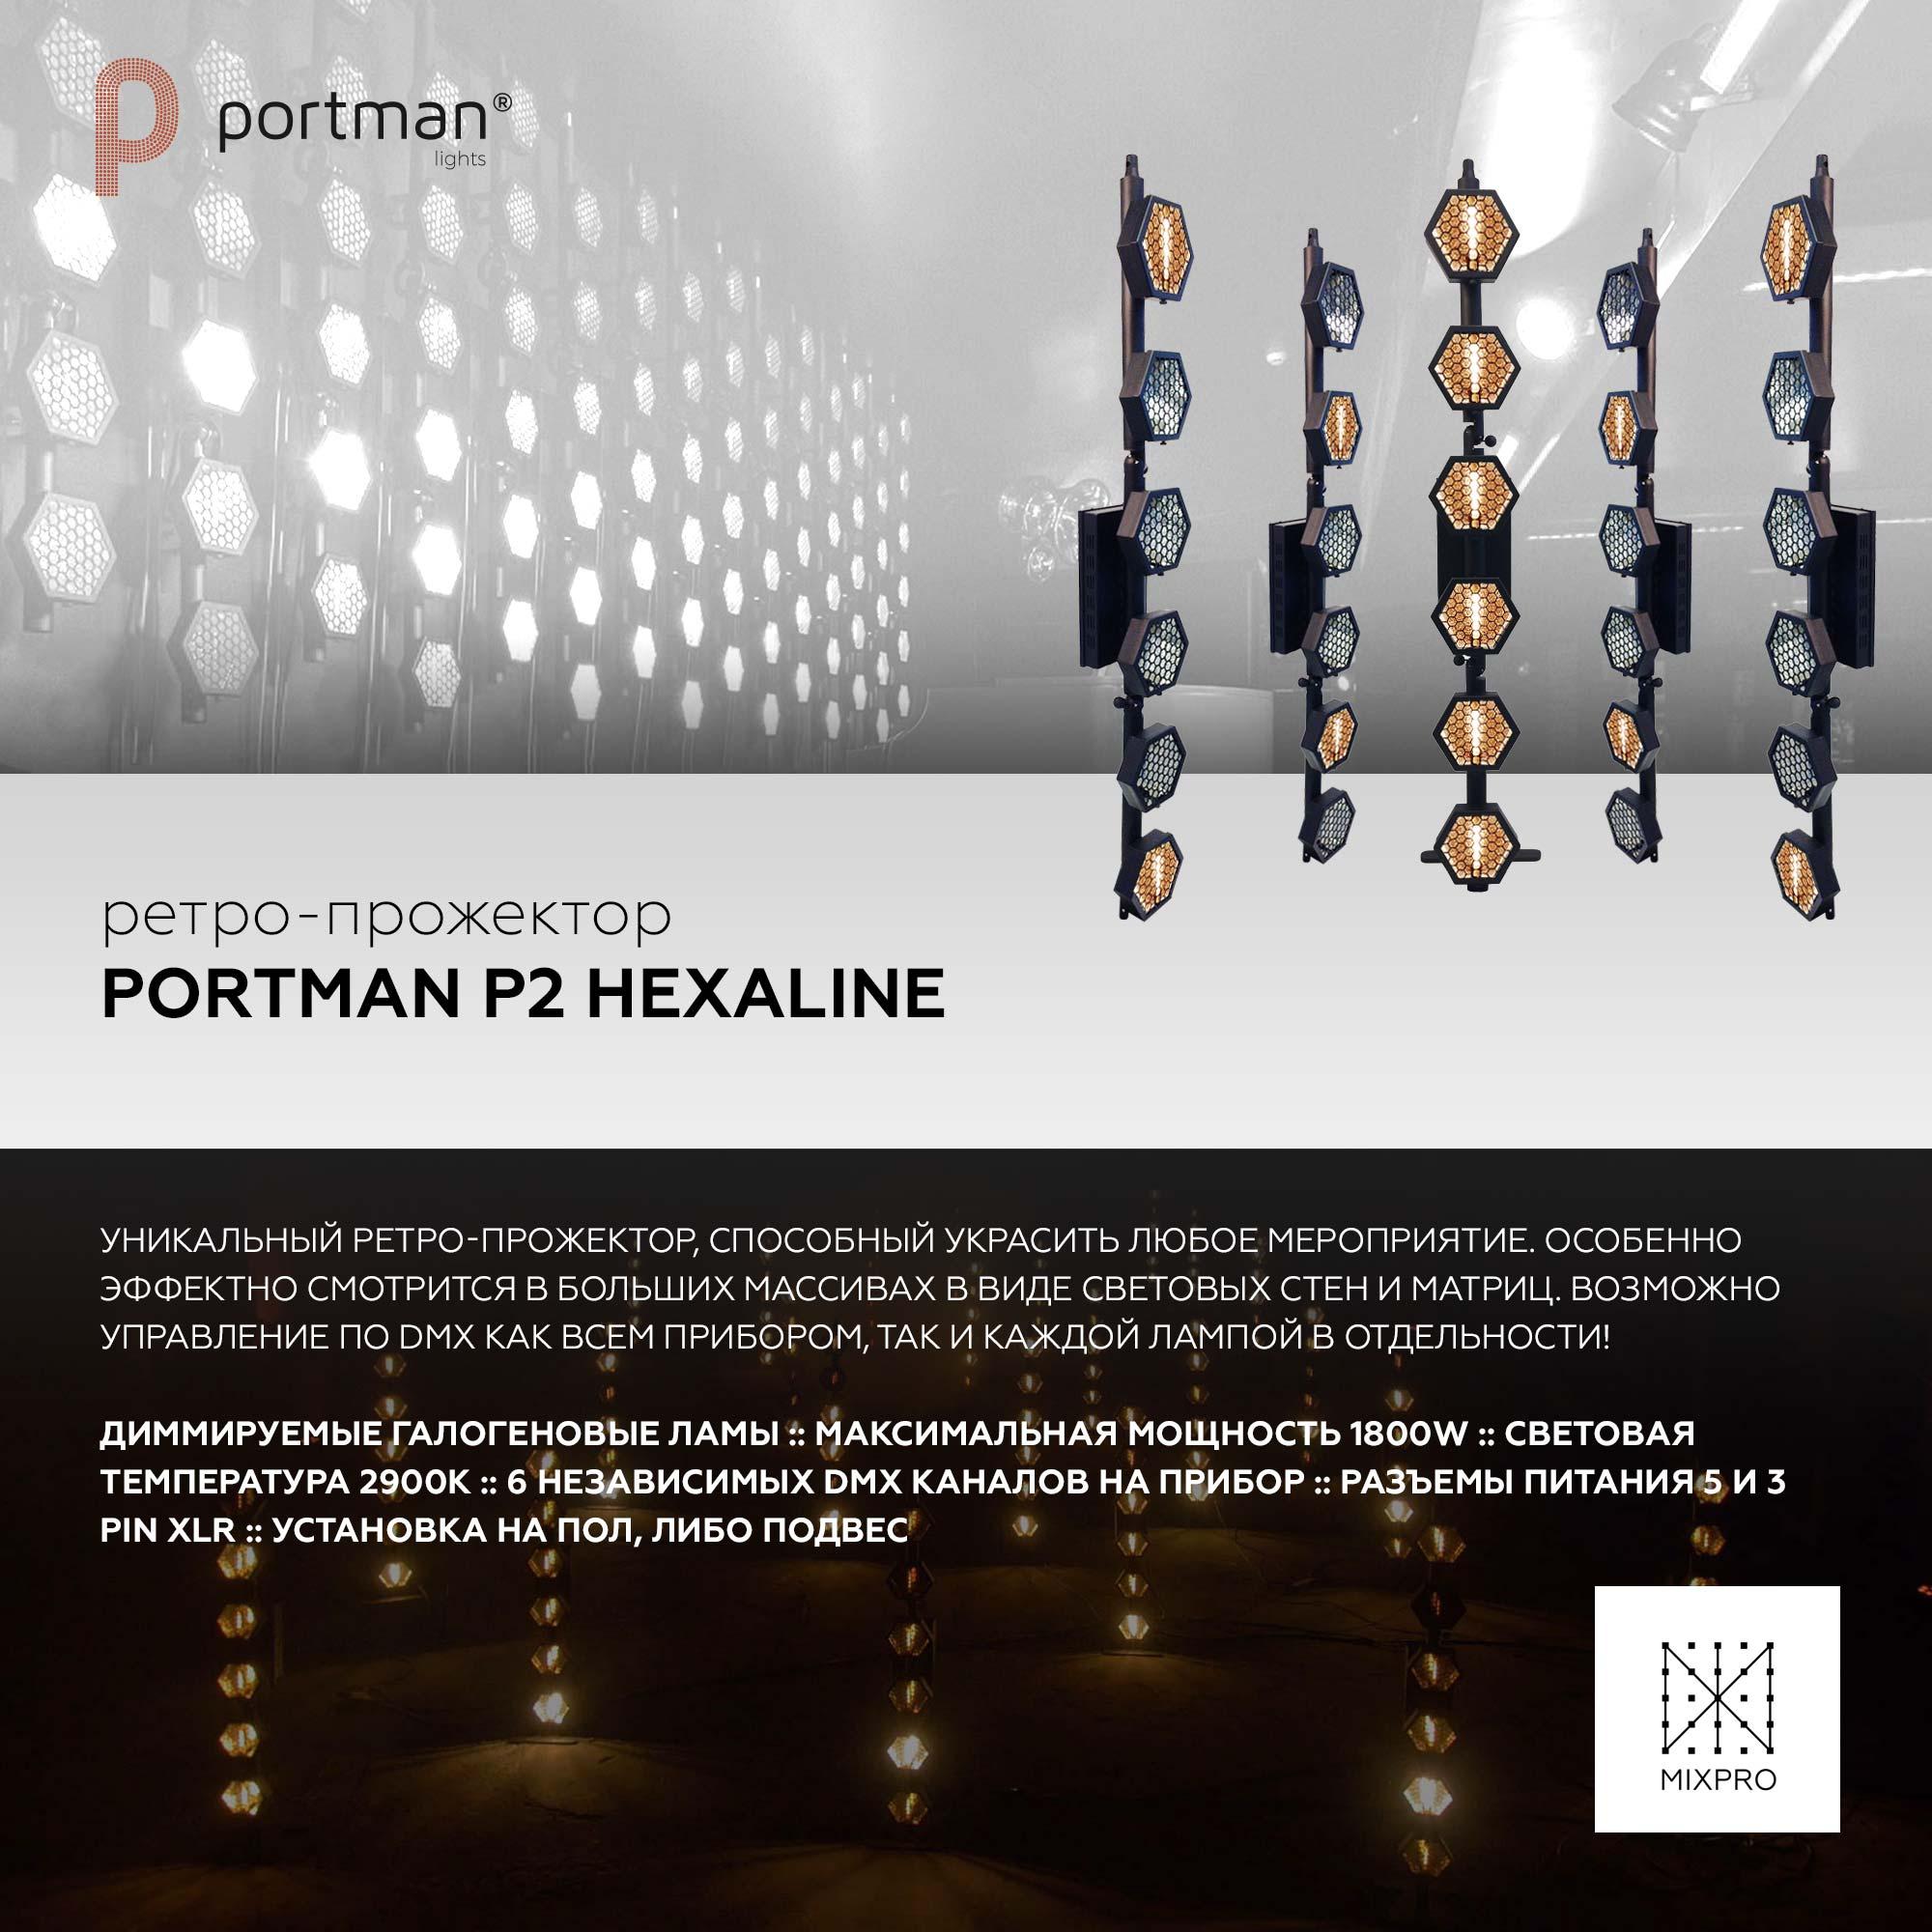 Portman P2 Hexaline<br><br>